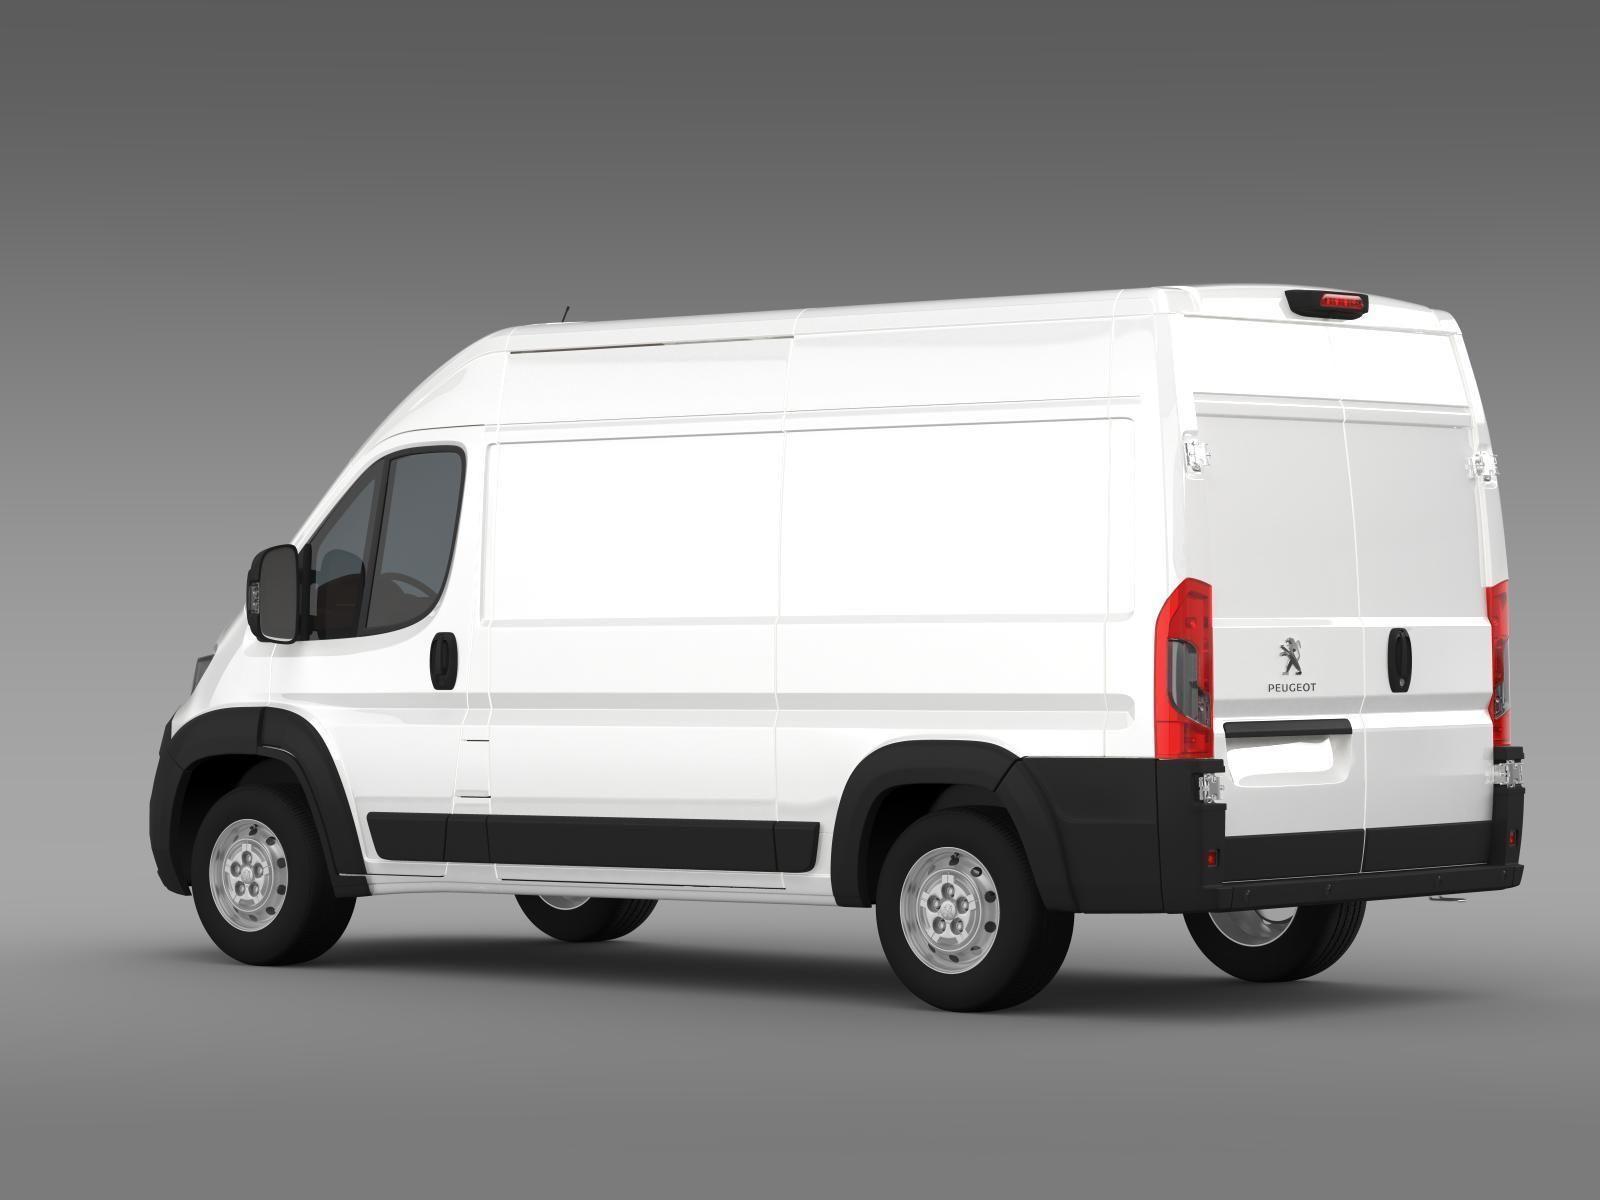 peugeot manager furgon l2h2 2014 3d model max obj 3ds fbx. Black Bedroom Furniture Sets. Home Design Ideas